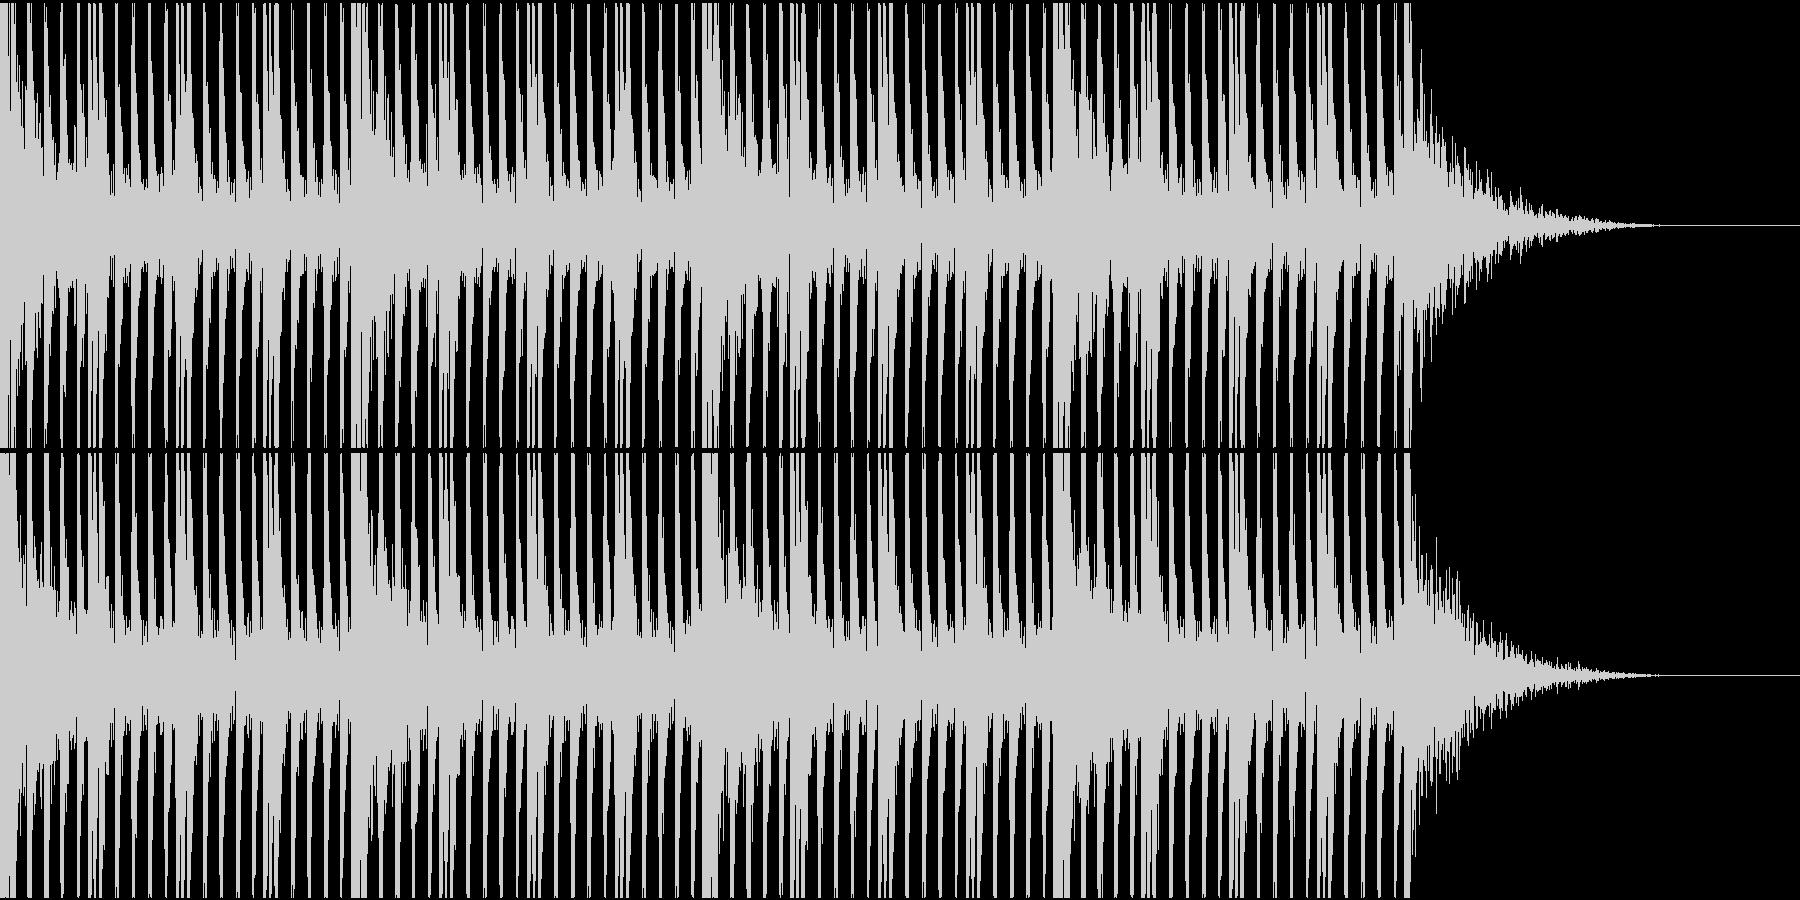 大作映画の予告編的な打楽器リズム2の未再生の波形